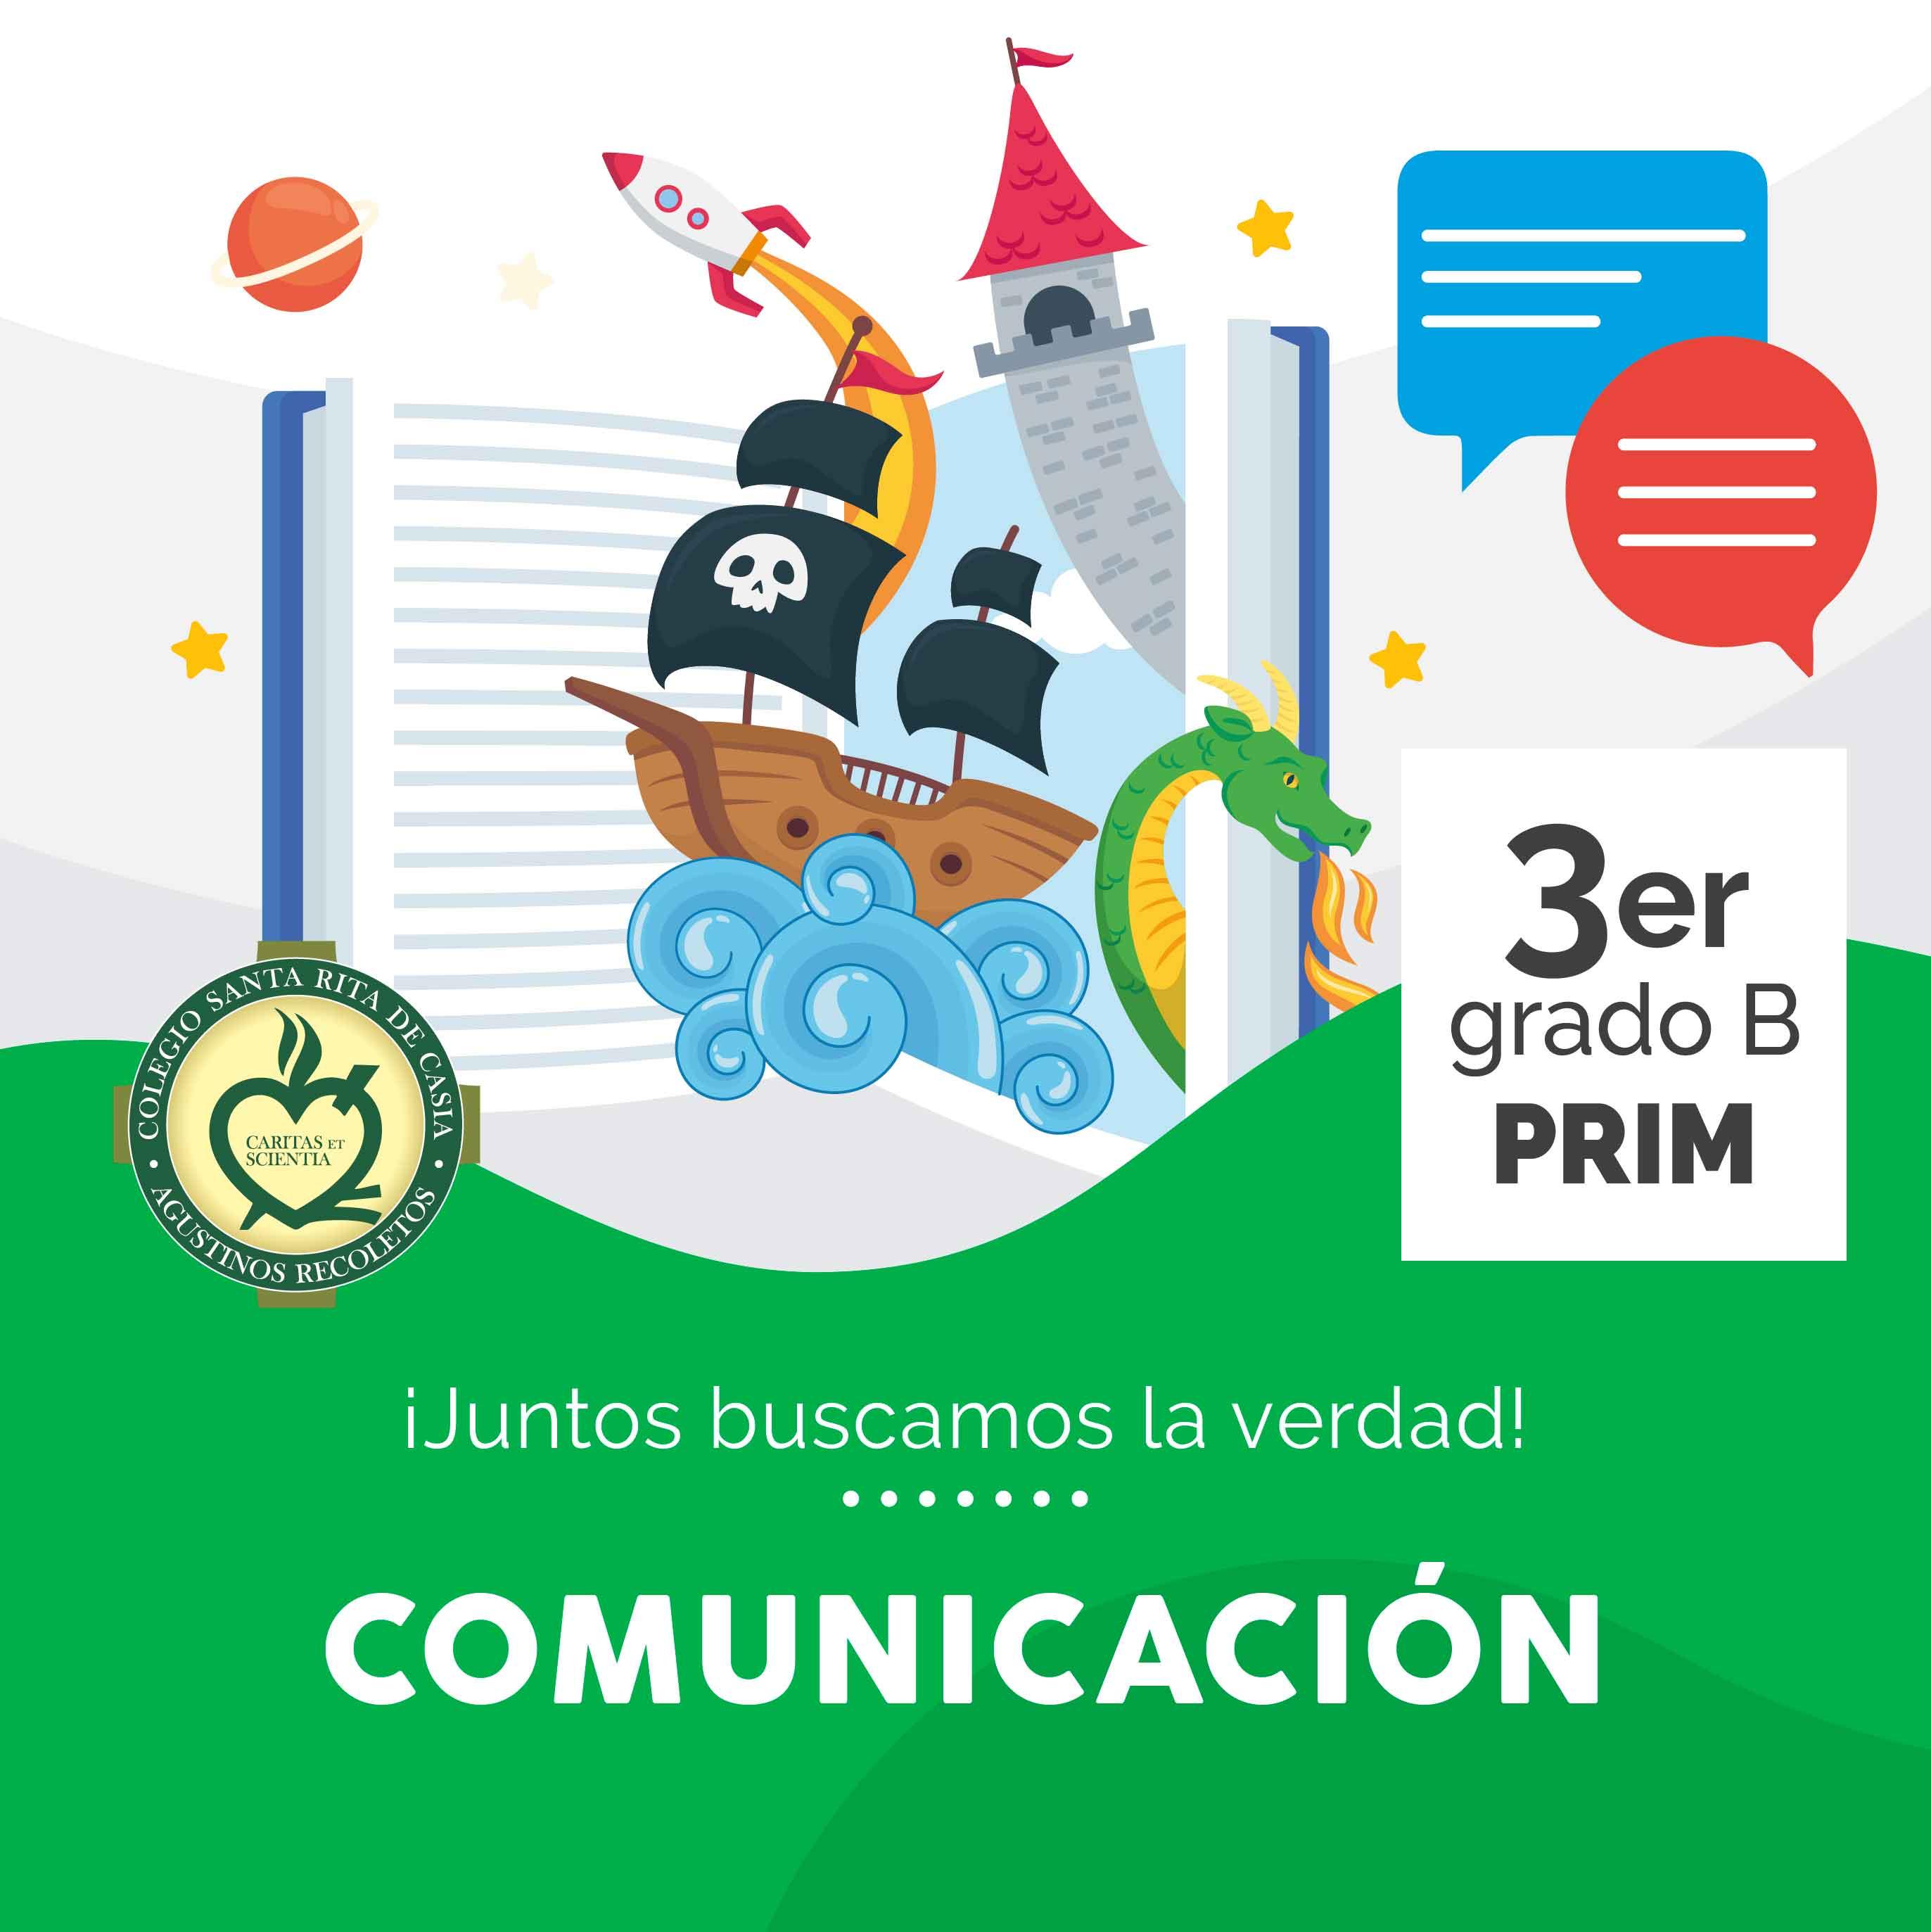 Comunicación 3er Grado B